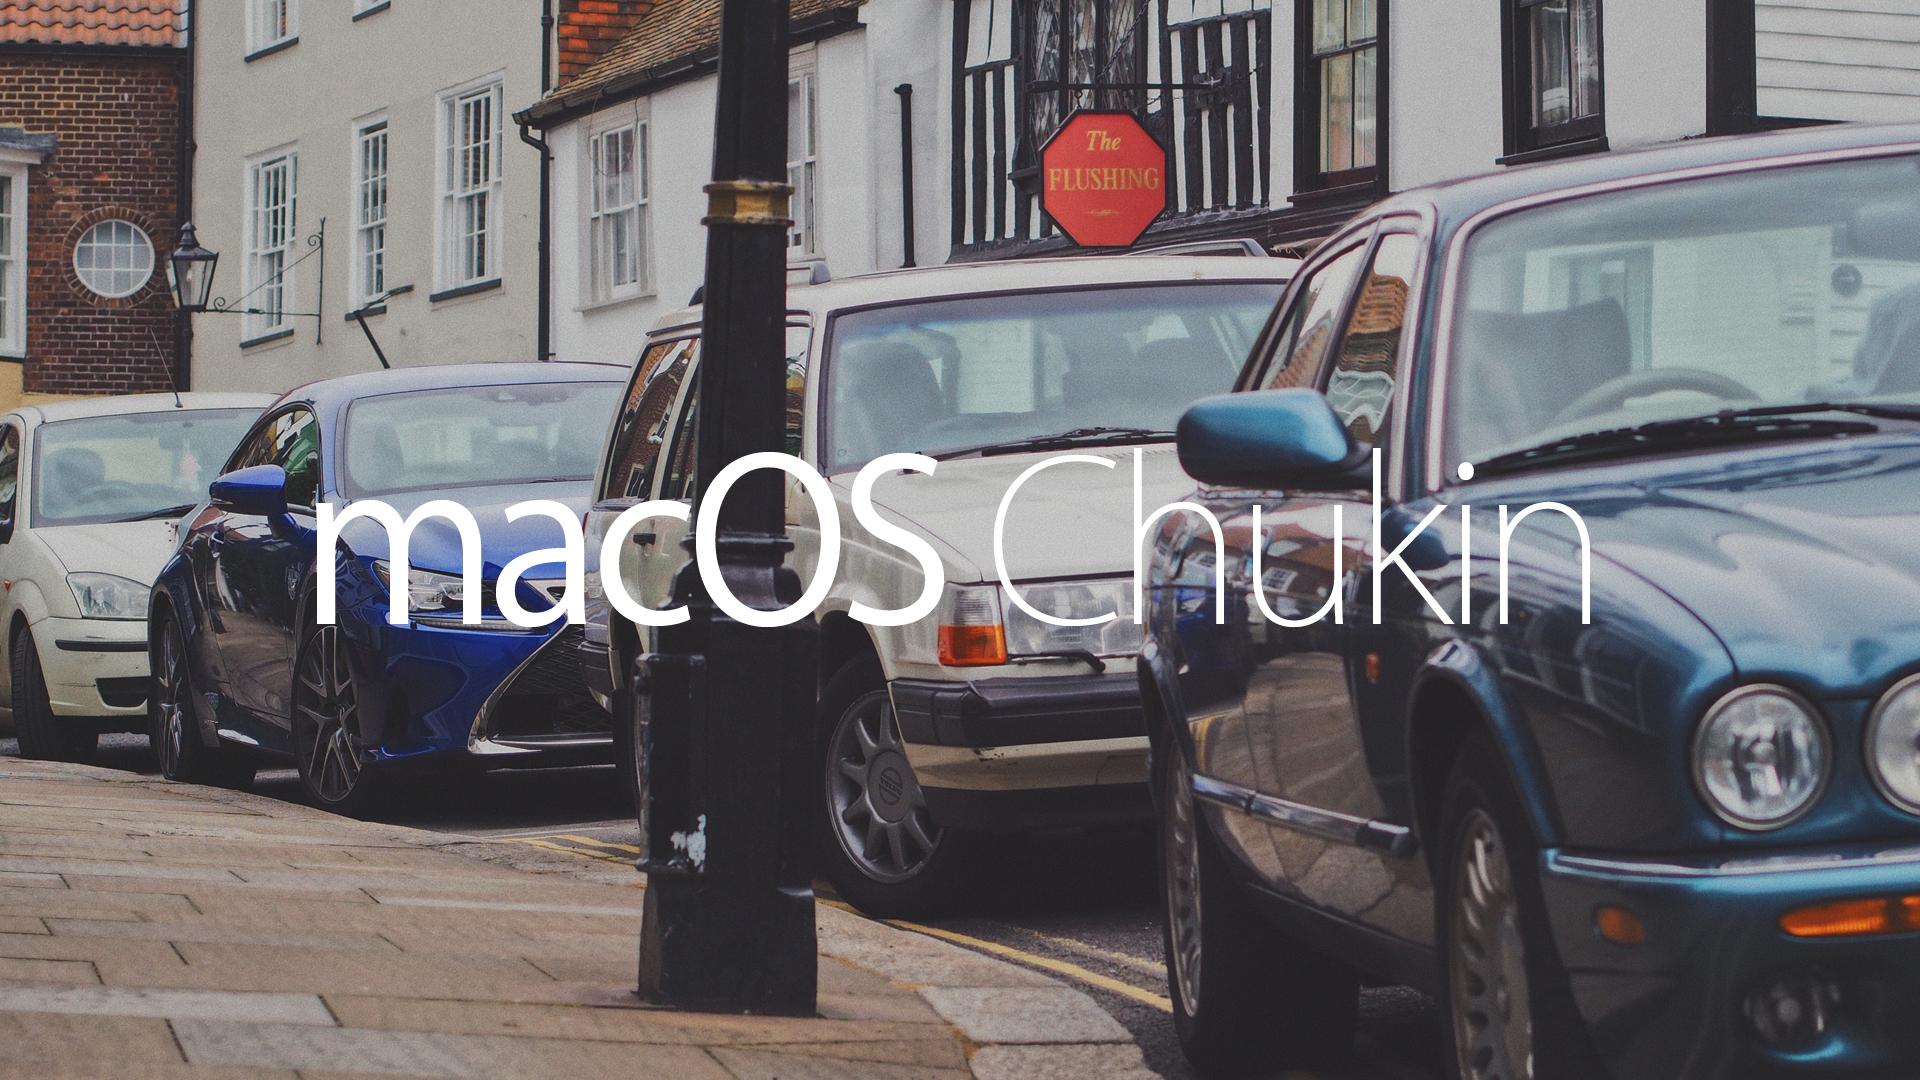 Mac OS chukin